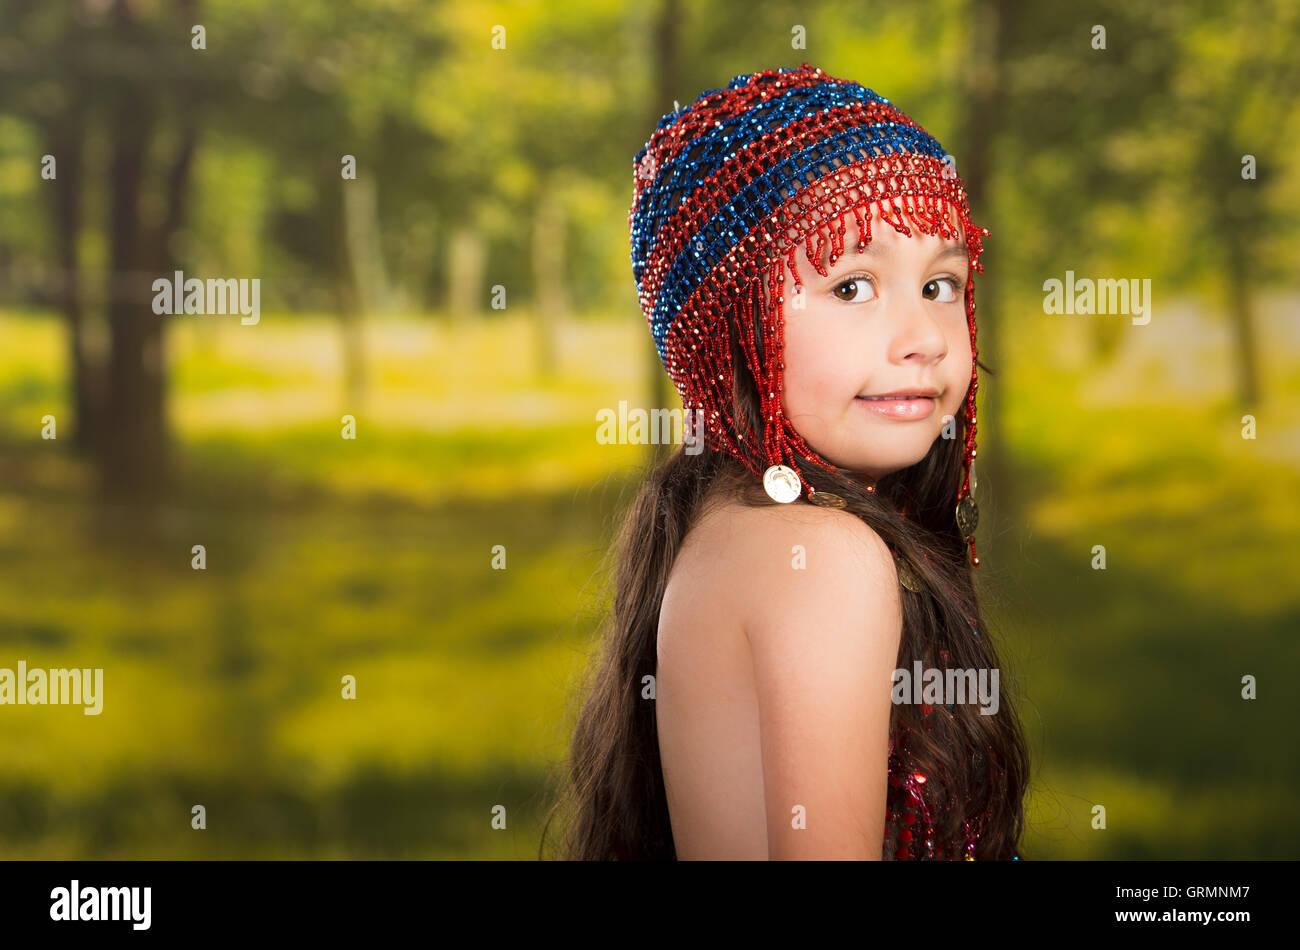 Niedliche kleine mädchen schöne rote kleid mit passender perle hut